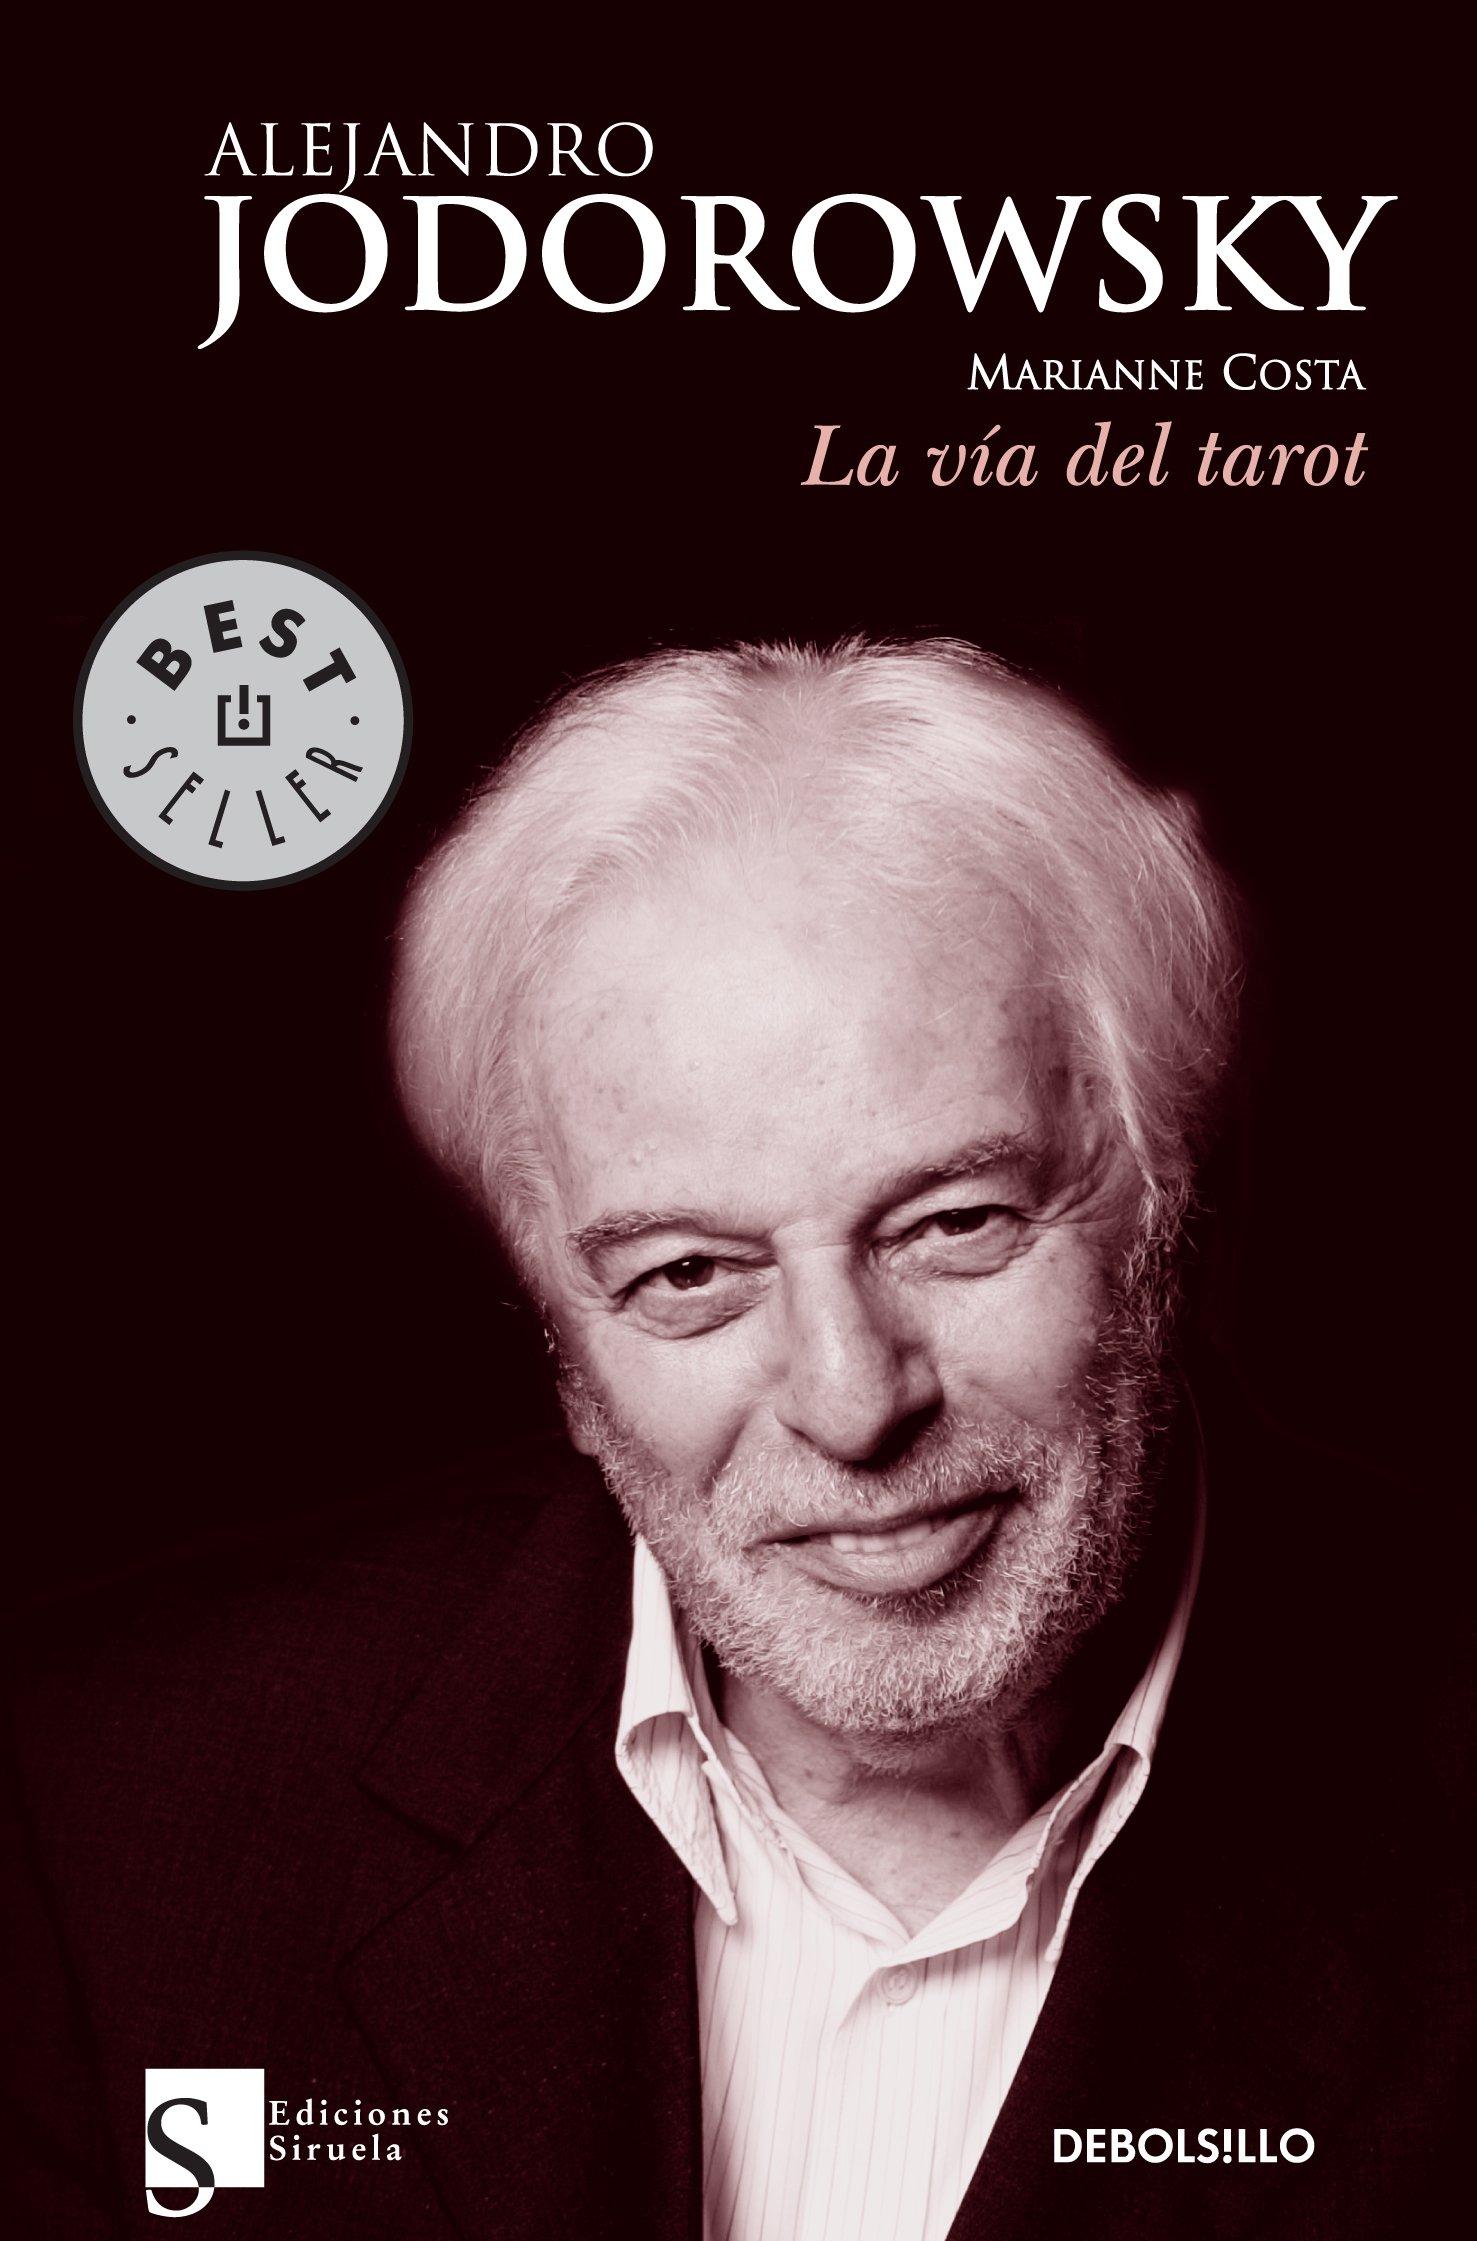 DESCARGAR MANUAL DE PSICOMAGIA ALEJANDRO JODOROWSKY PDF @tataya.com.mx